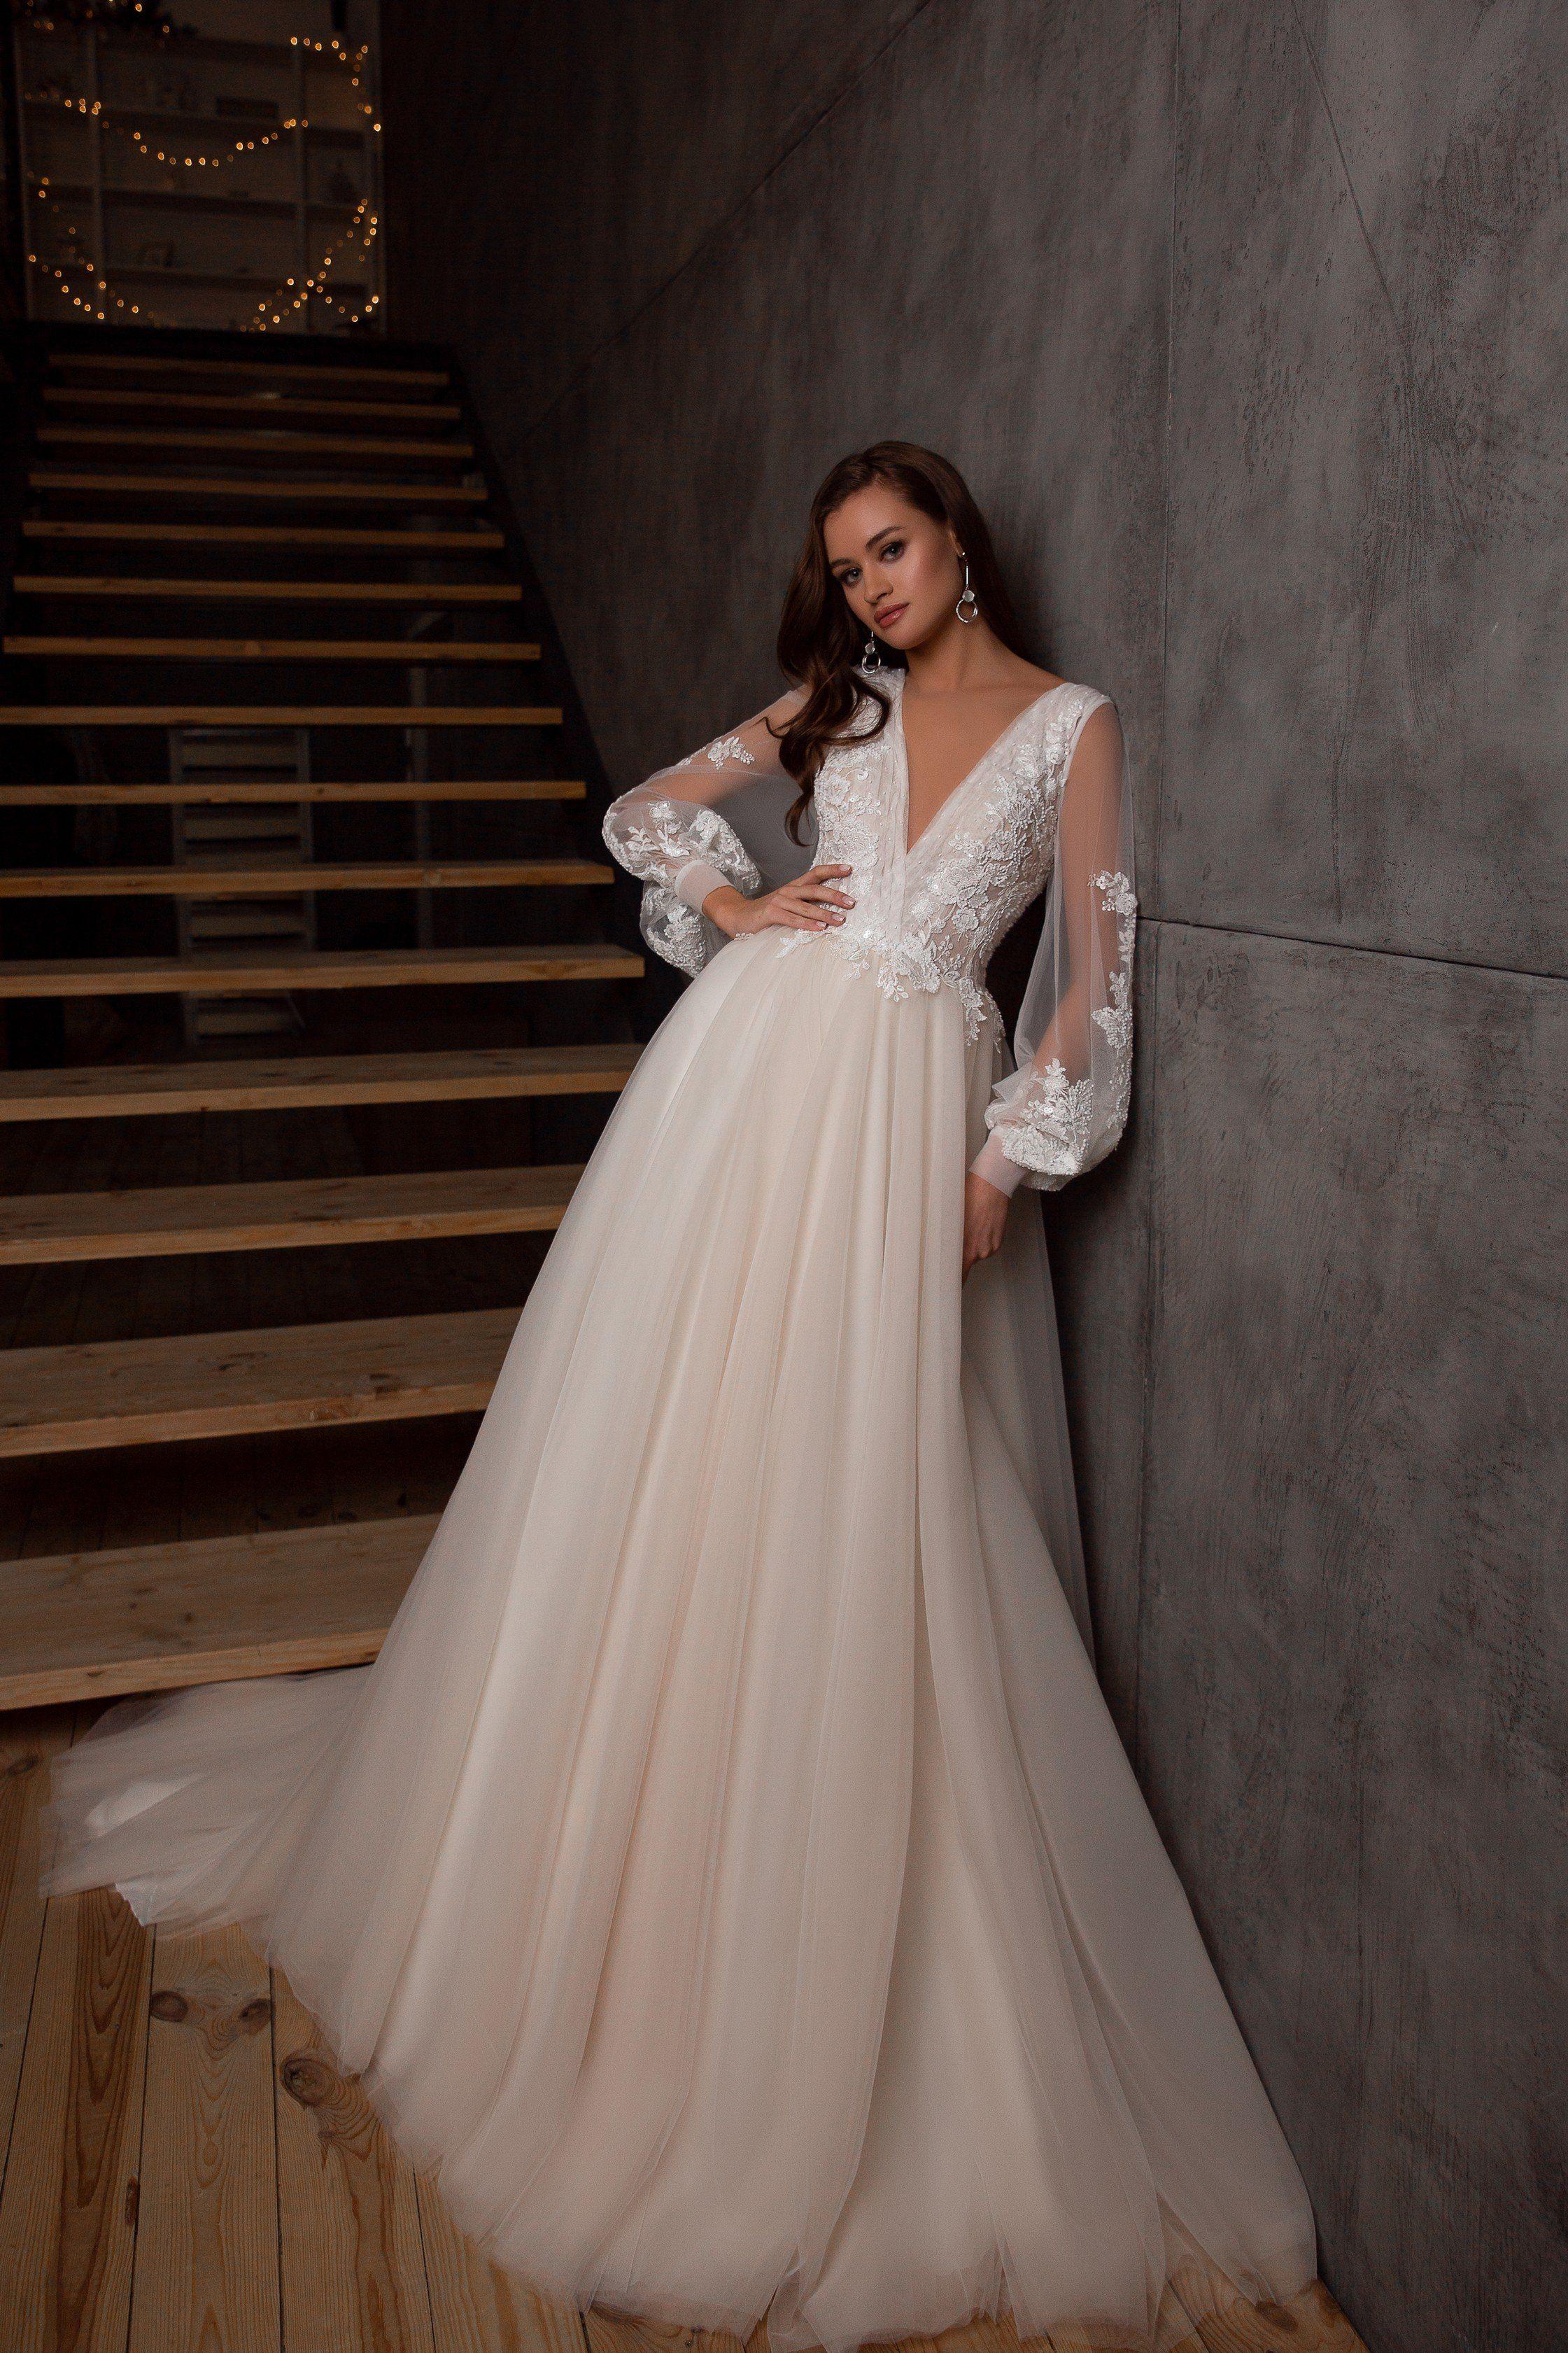 V Neckline Bishop Sleeves Sophisticated Wedding Gown Pentelei 5104 Wedding Dress Sleeves Sophisticated Wedding Gown Wedding Dresses Lace [ 3362 x 2241 Pixel ]